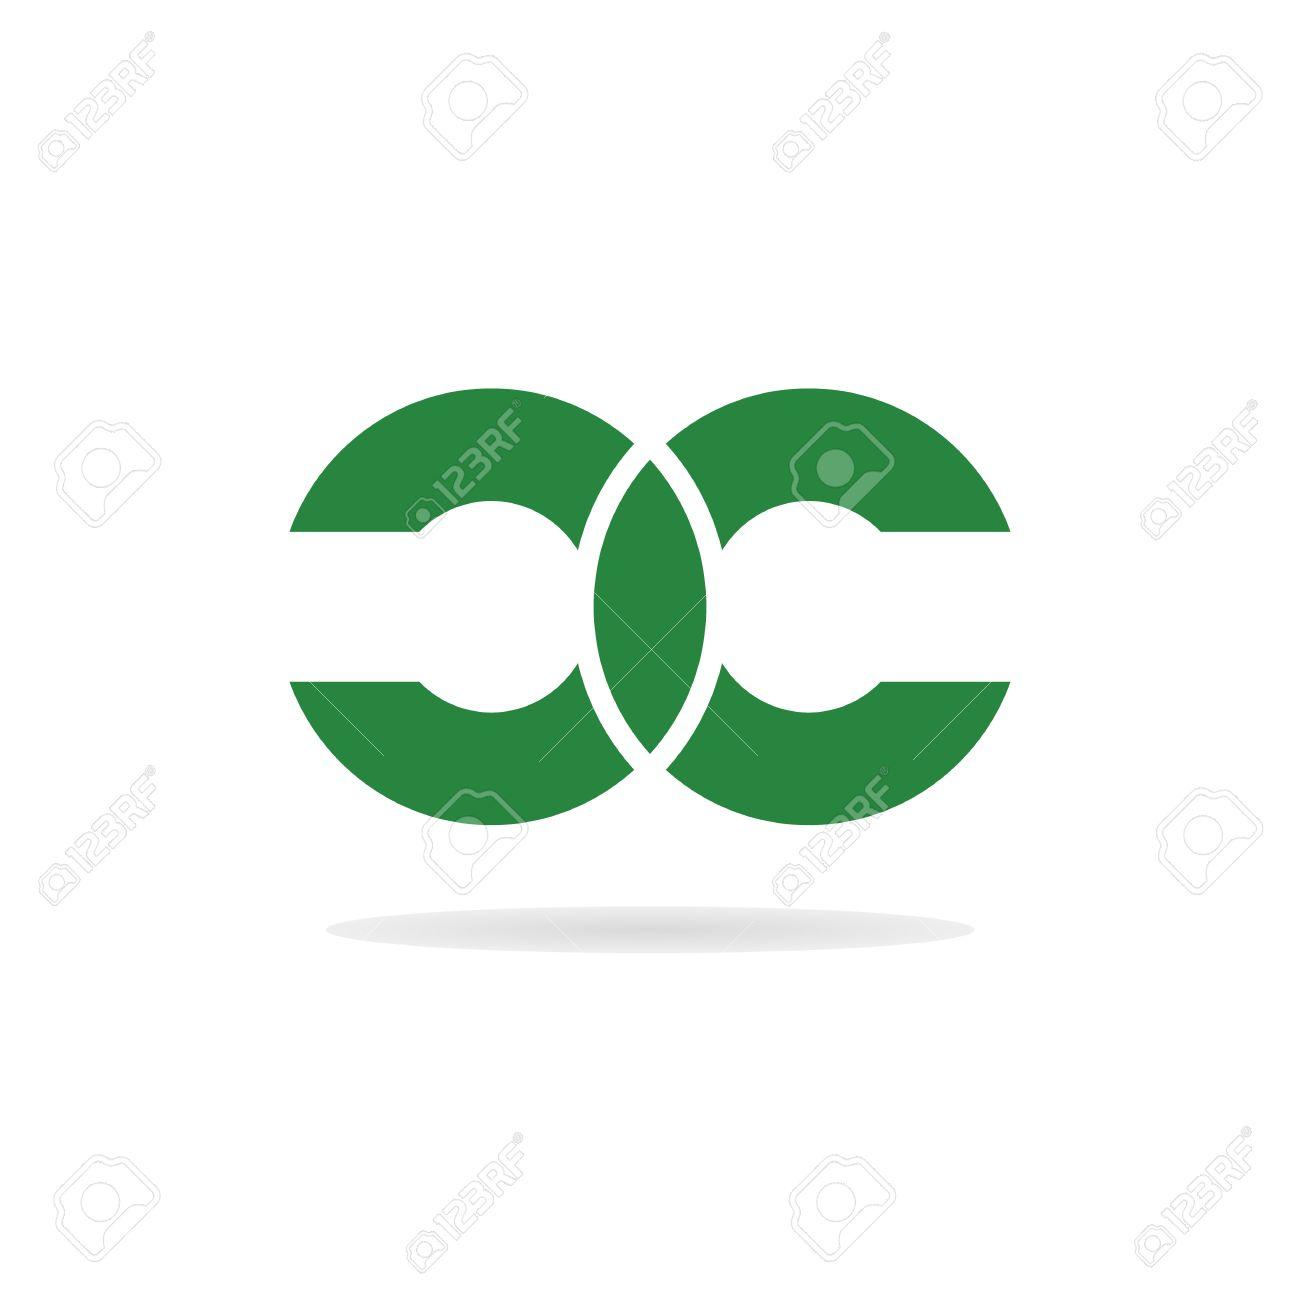 Résumé Des Lettres C Et C Logo Modèle. Double Lettre Logo C. Lettre ...